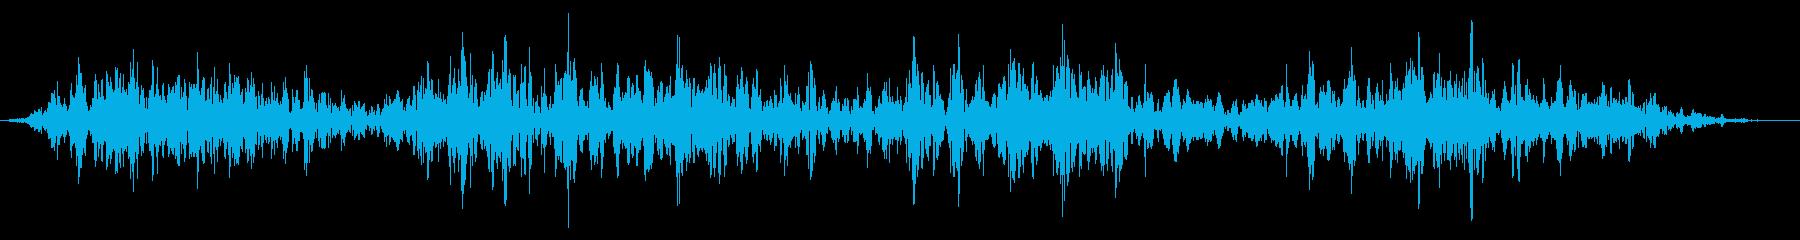 スライムなどが蠢く音タイプC#8の再生済みの波形